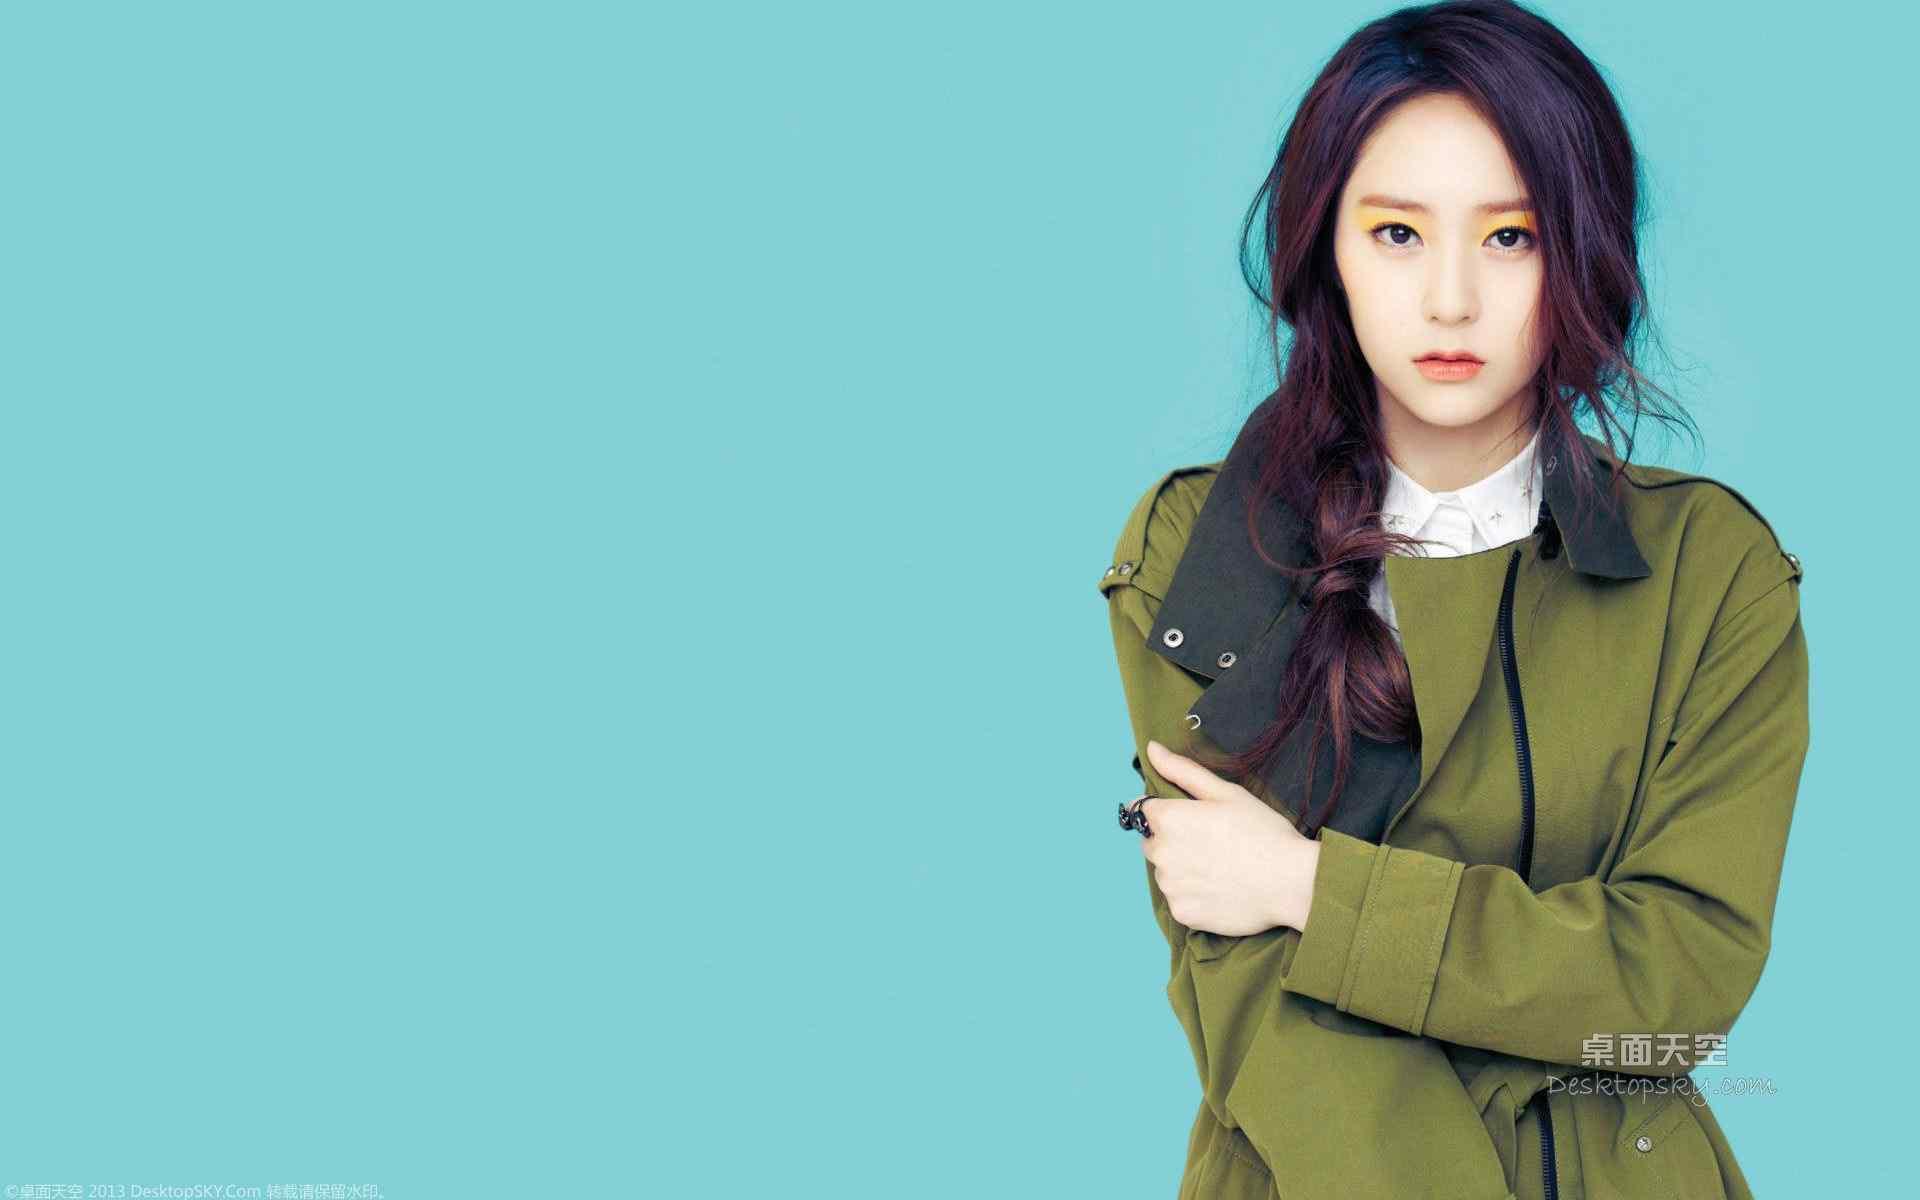 韩国女星郑秀晶时尚壁纸